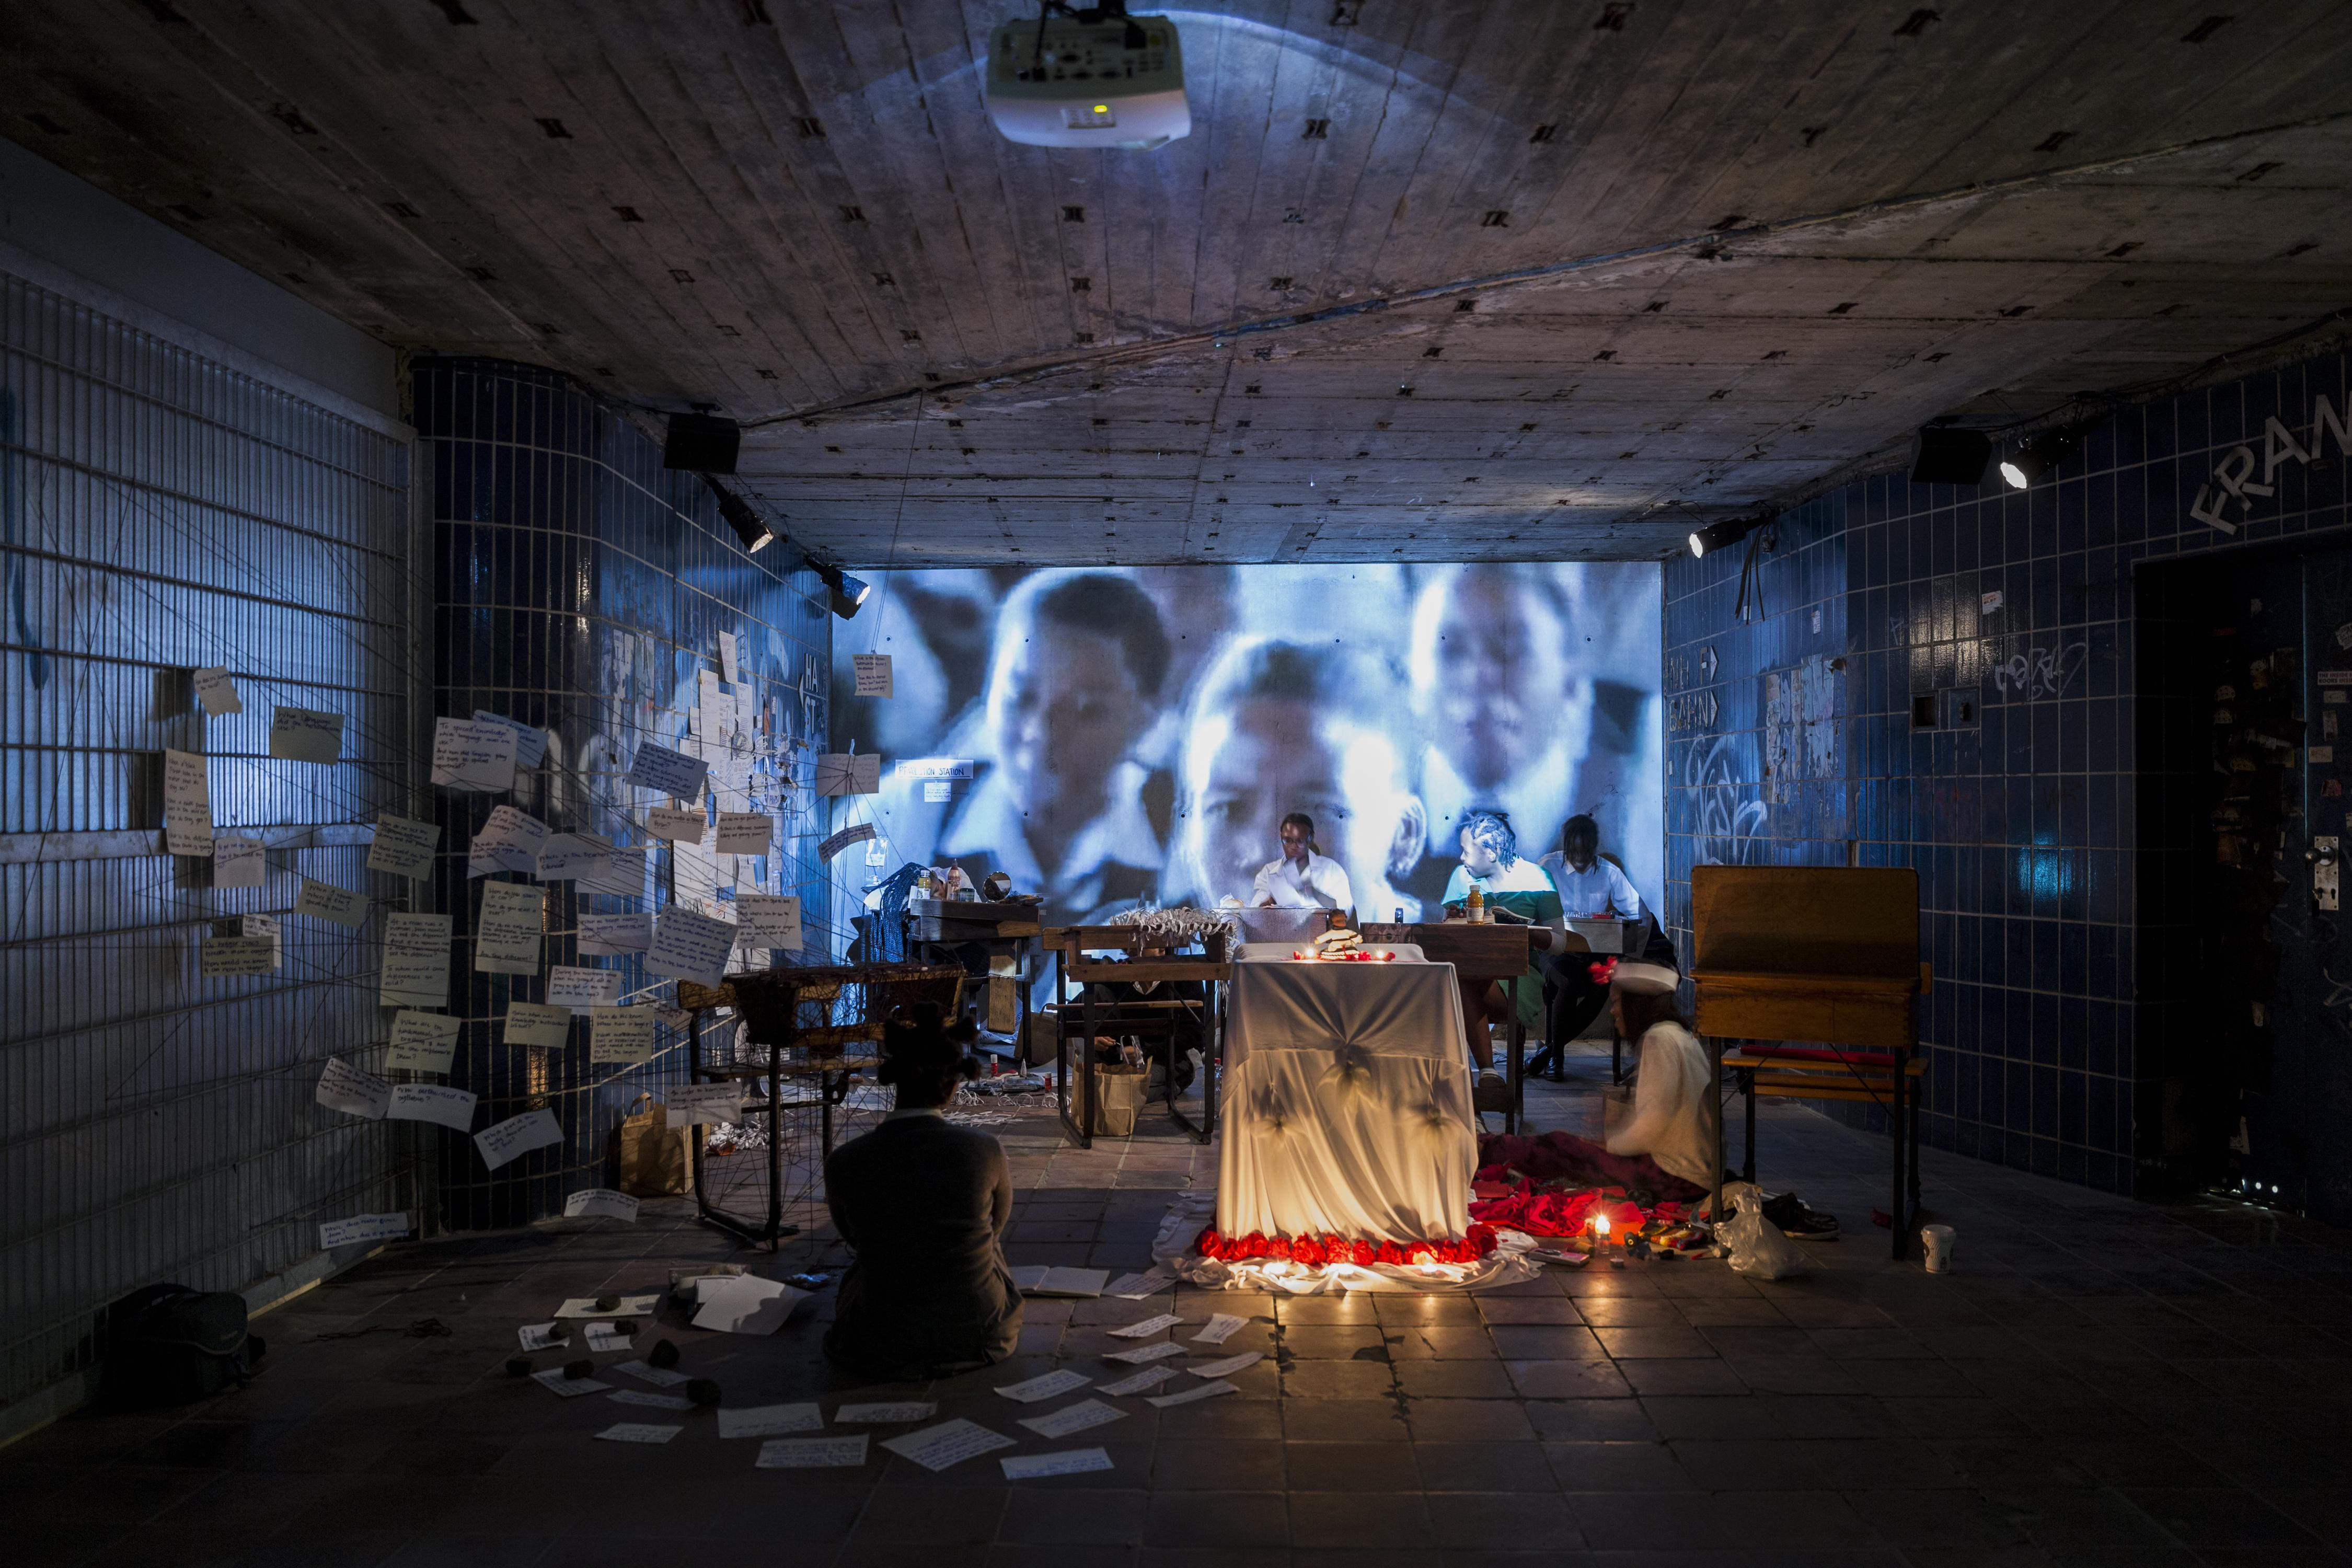 iQhiya, Monday, 2017, Performance und Installation, Ehemaliger unterirdischer Bahnhof (KulturBahnhof), Kassel, documenta 14, Foto: Fred Dott